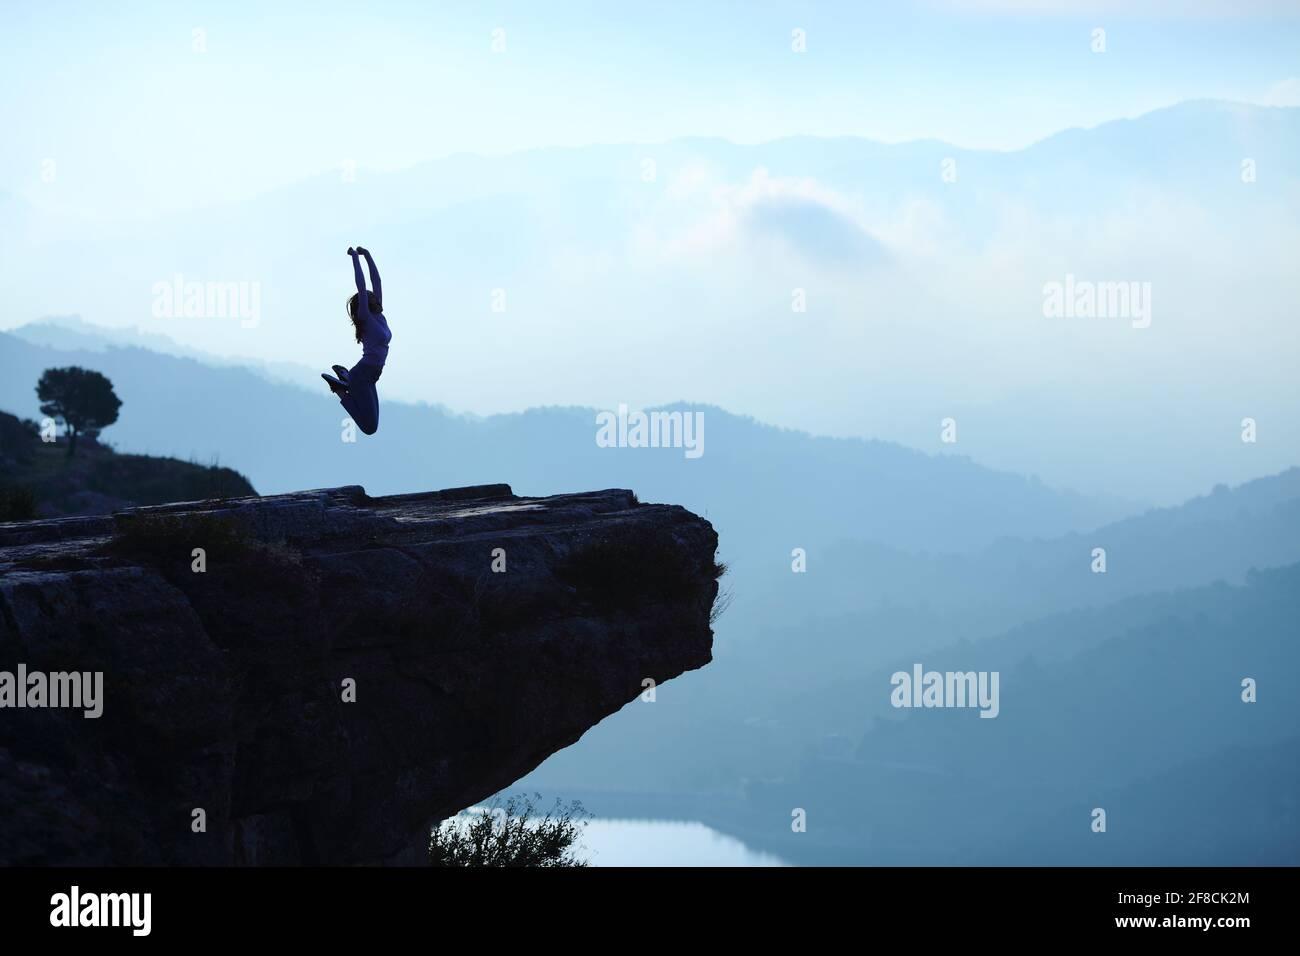 Portrait de contre-jour d'une silhouette de femme sautant en haut d'une falaise sur paysage bleu Banque D'Images